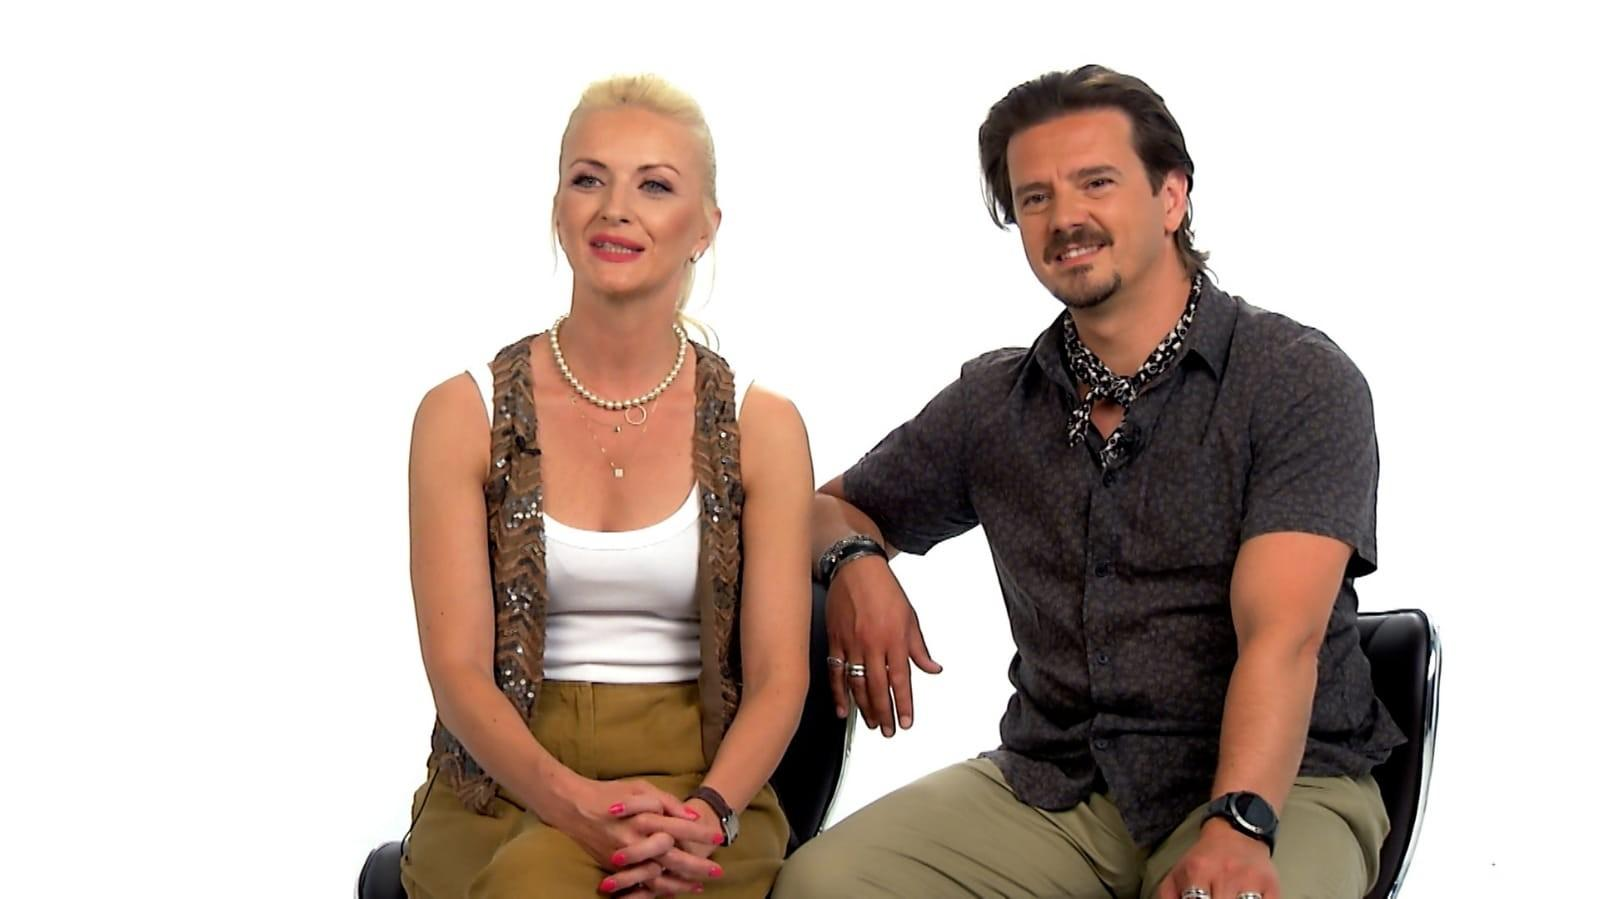 """Jurnal de Asia, episodul 8. Mihai Petre și Elvira Petre, despre experienţa trăită în show: """"Am fost plesniți! Knock out!"""""""